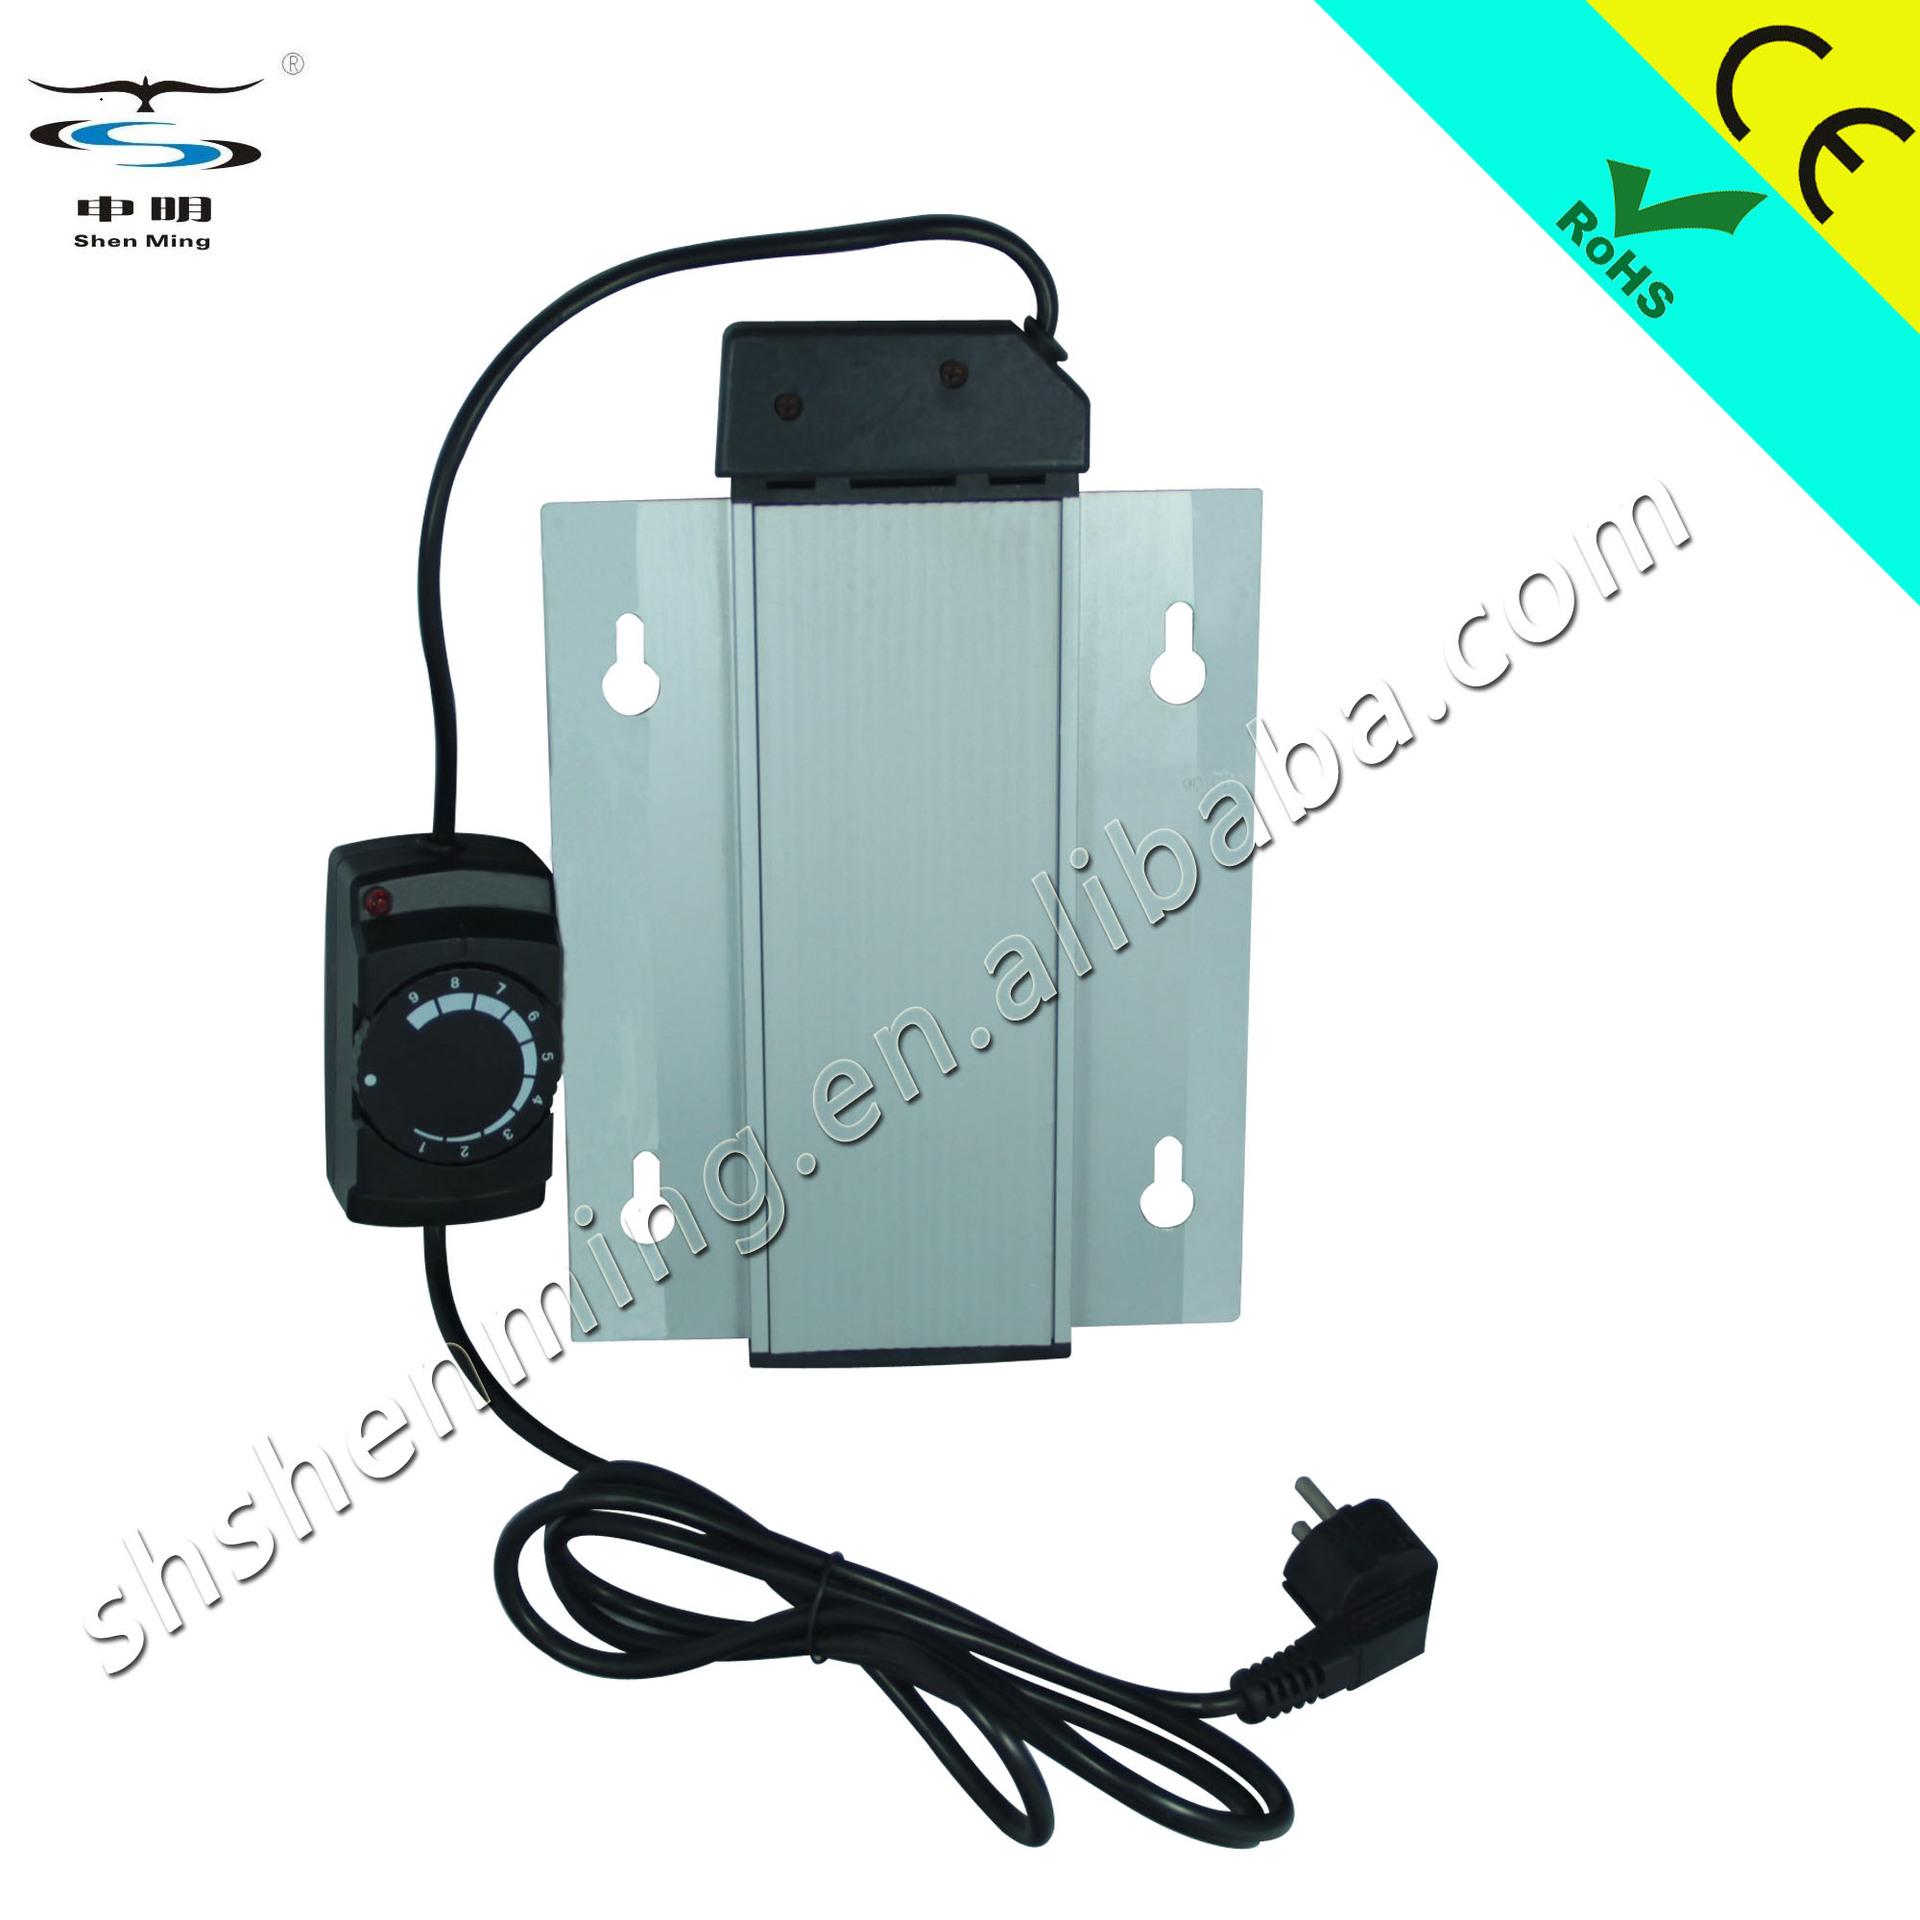 电热板 自助餐炉电加热器,酒店用品,餐饮设备图片_5